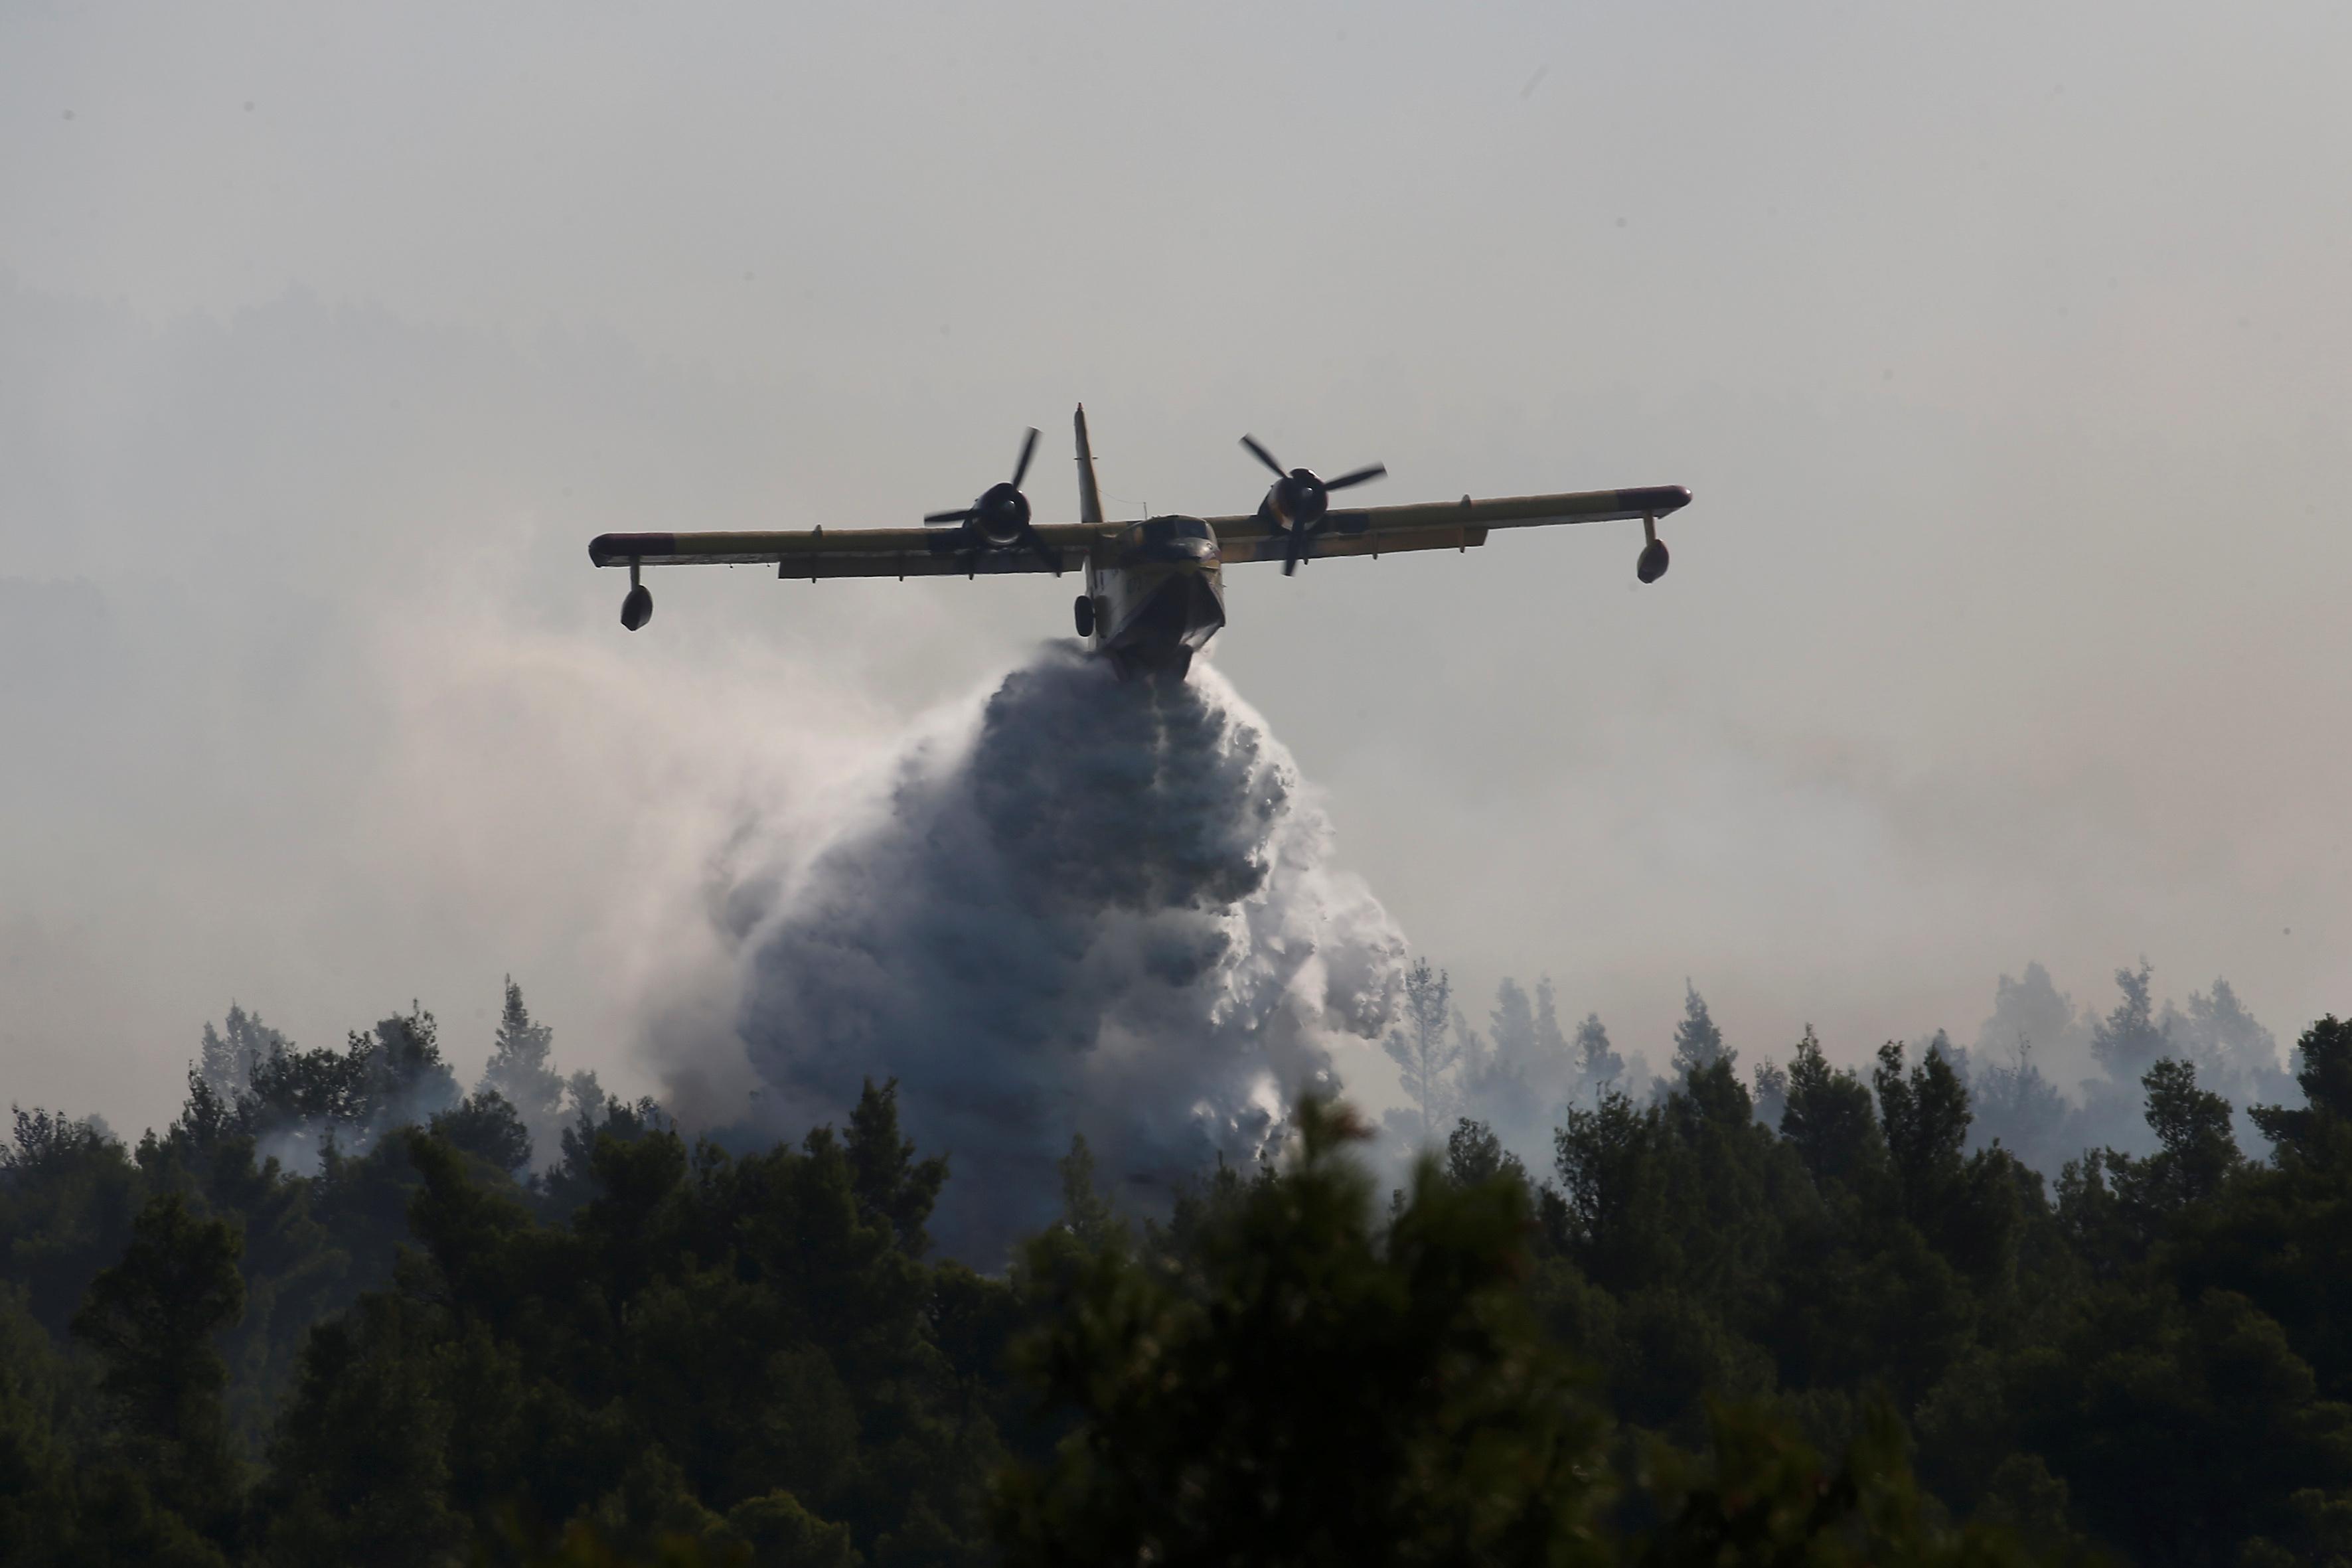 Ο αέρας κρίνει τα πάντα στην Εύβοια – Μάχη χωρίς τέλος σε δυο μέτωπα και συνεχείς αναζωπυρώσεις – Πως σώθηκαν τέσσερα χωριά από την πύρινη λαίλαπα